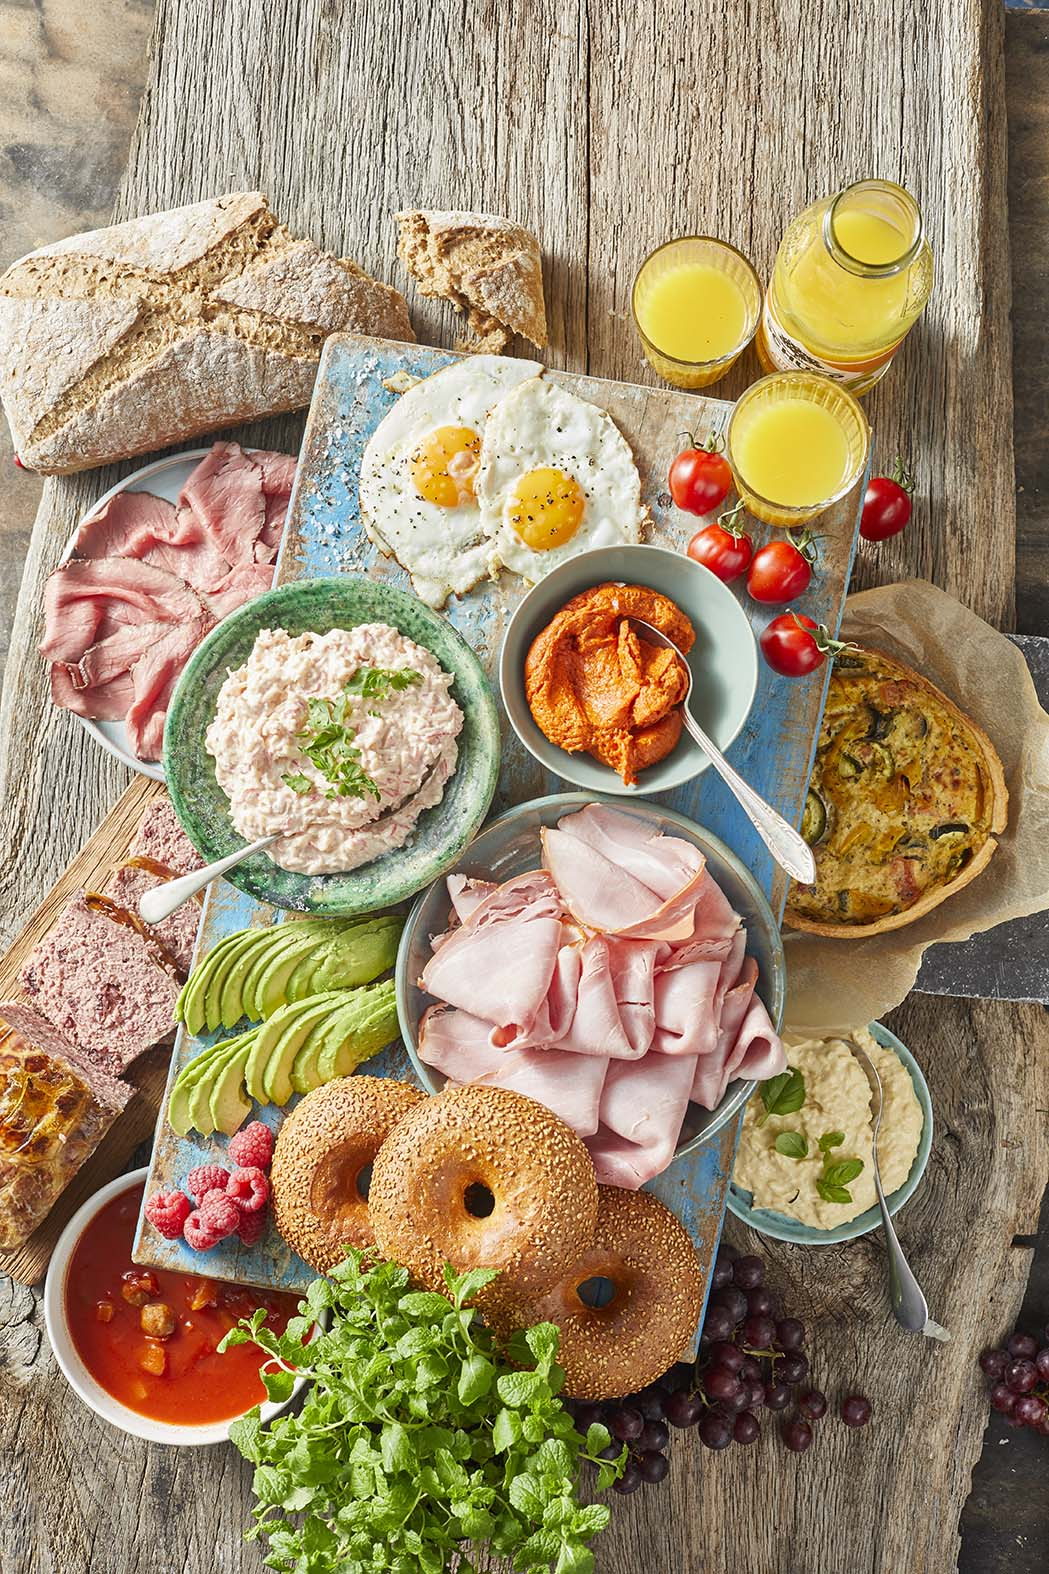 Huisgemaakte vleeswaren en goede buitenlandse specialiteiten blijven onverminderd populair, aldus Lisa Hooymayers van VersAlert.